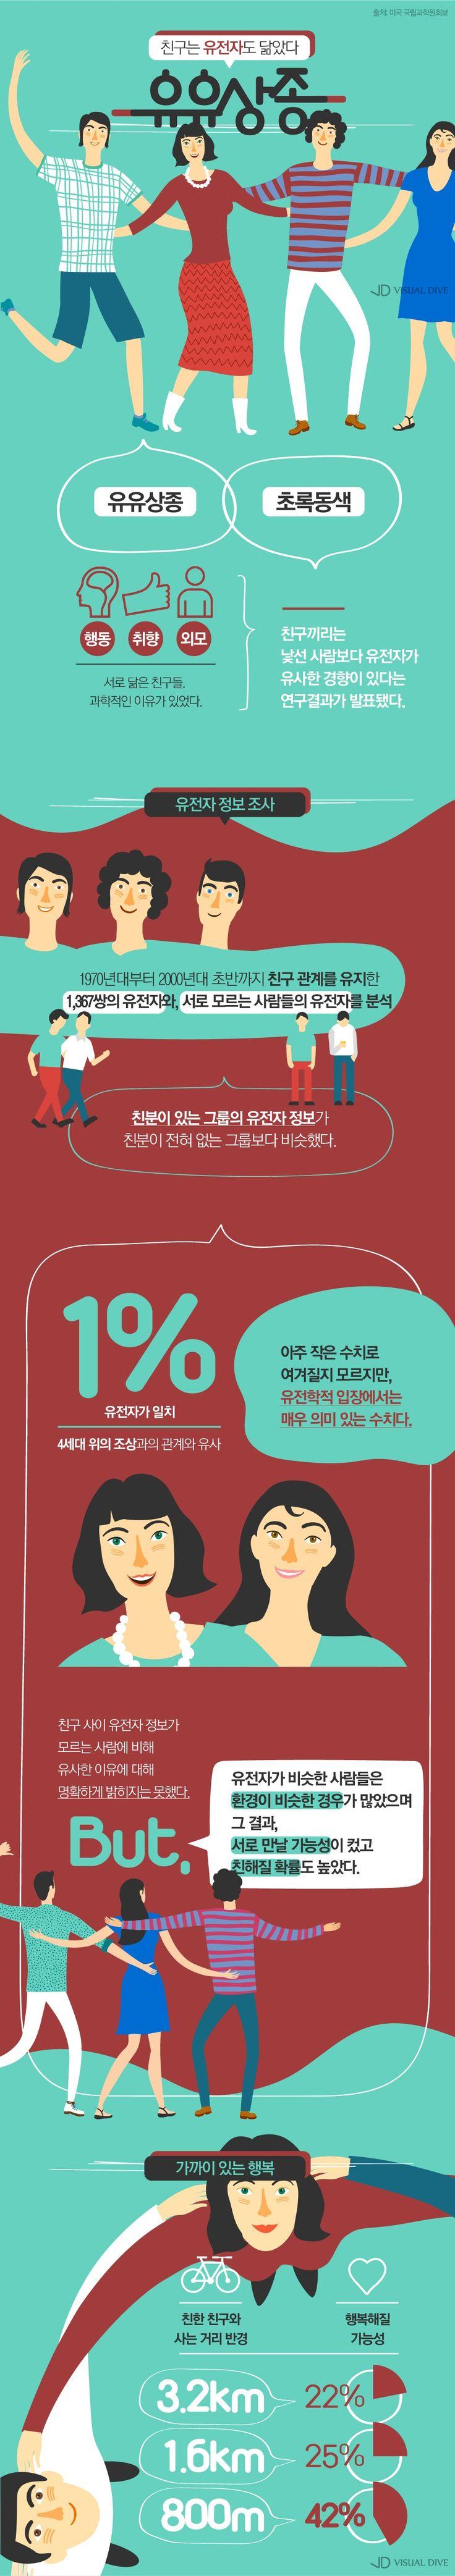 '유유상종' 친한 친구는 유전자도 닮았다? [인포그래픽] #friend / #Infographic ⓒ 비주얼다이브 무단 복사·전재·재배포 금지